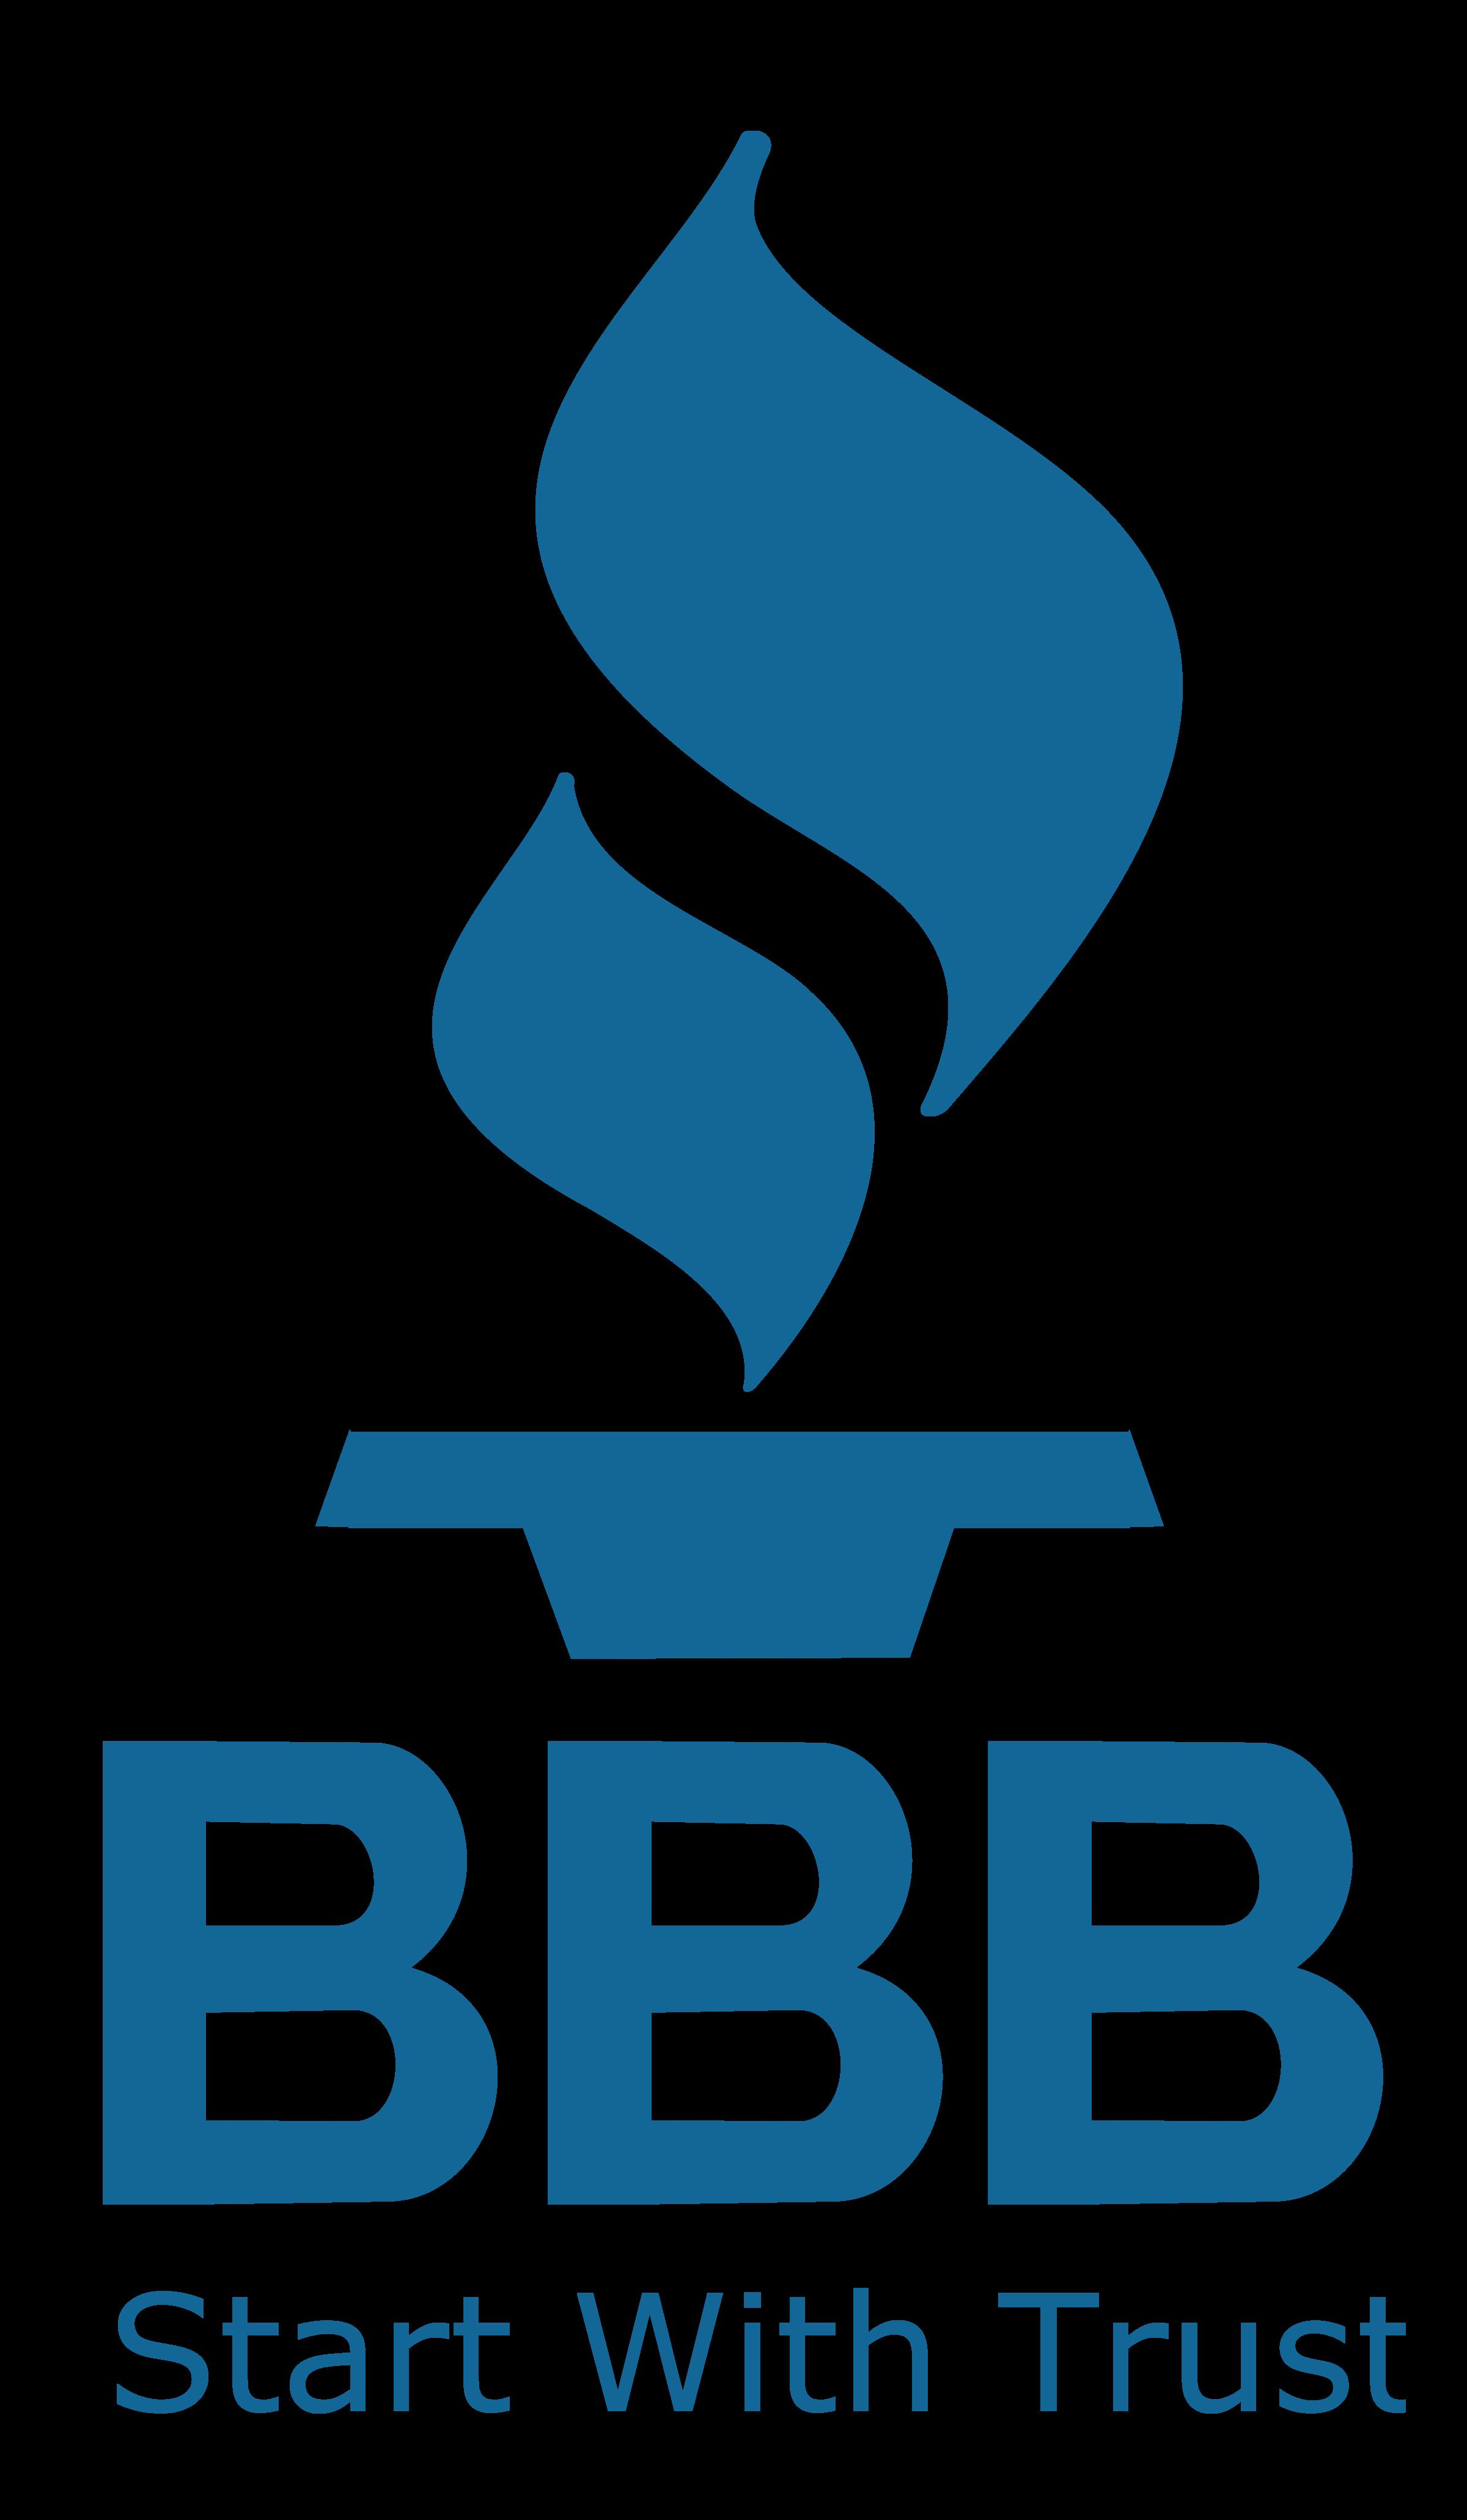 BBB Logo PNG Transparent & SVG Vector.